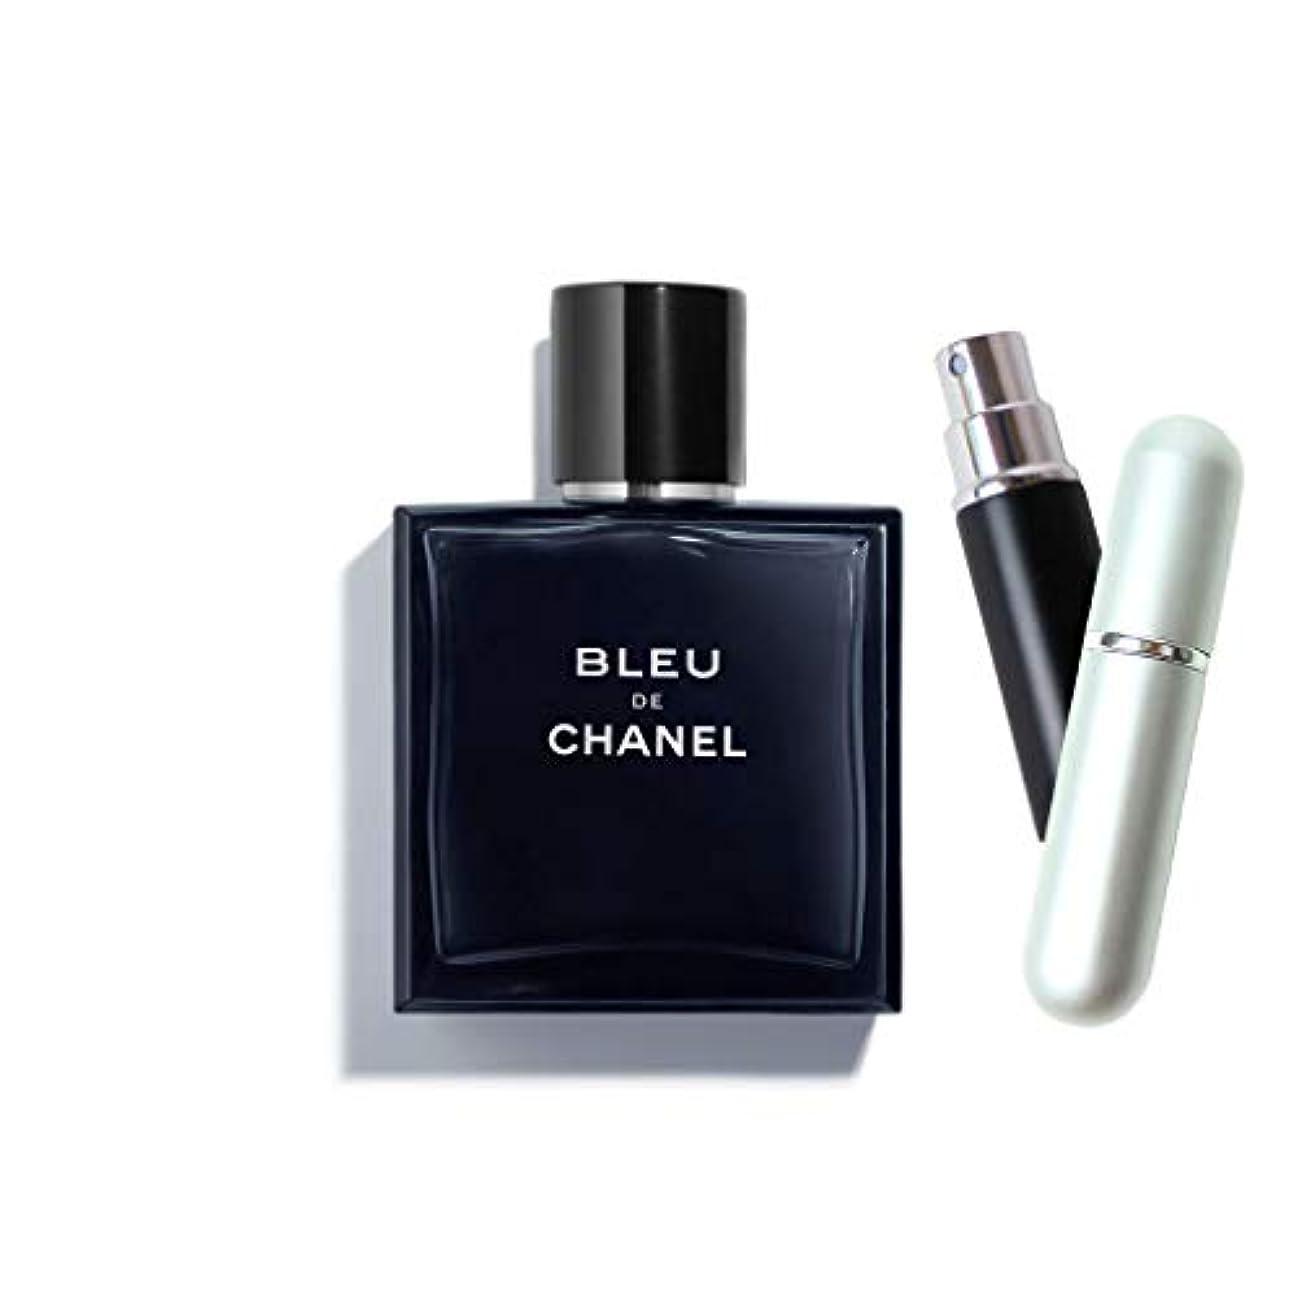 ガチョウかすかなとは異なり[正規品 セット品] アトマイザー付き シャネル 香水 ブルー ドゥ シャネル EDT 50ml